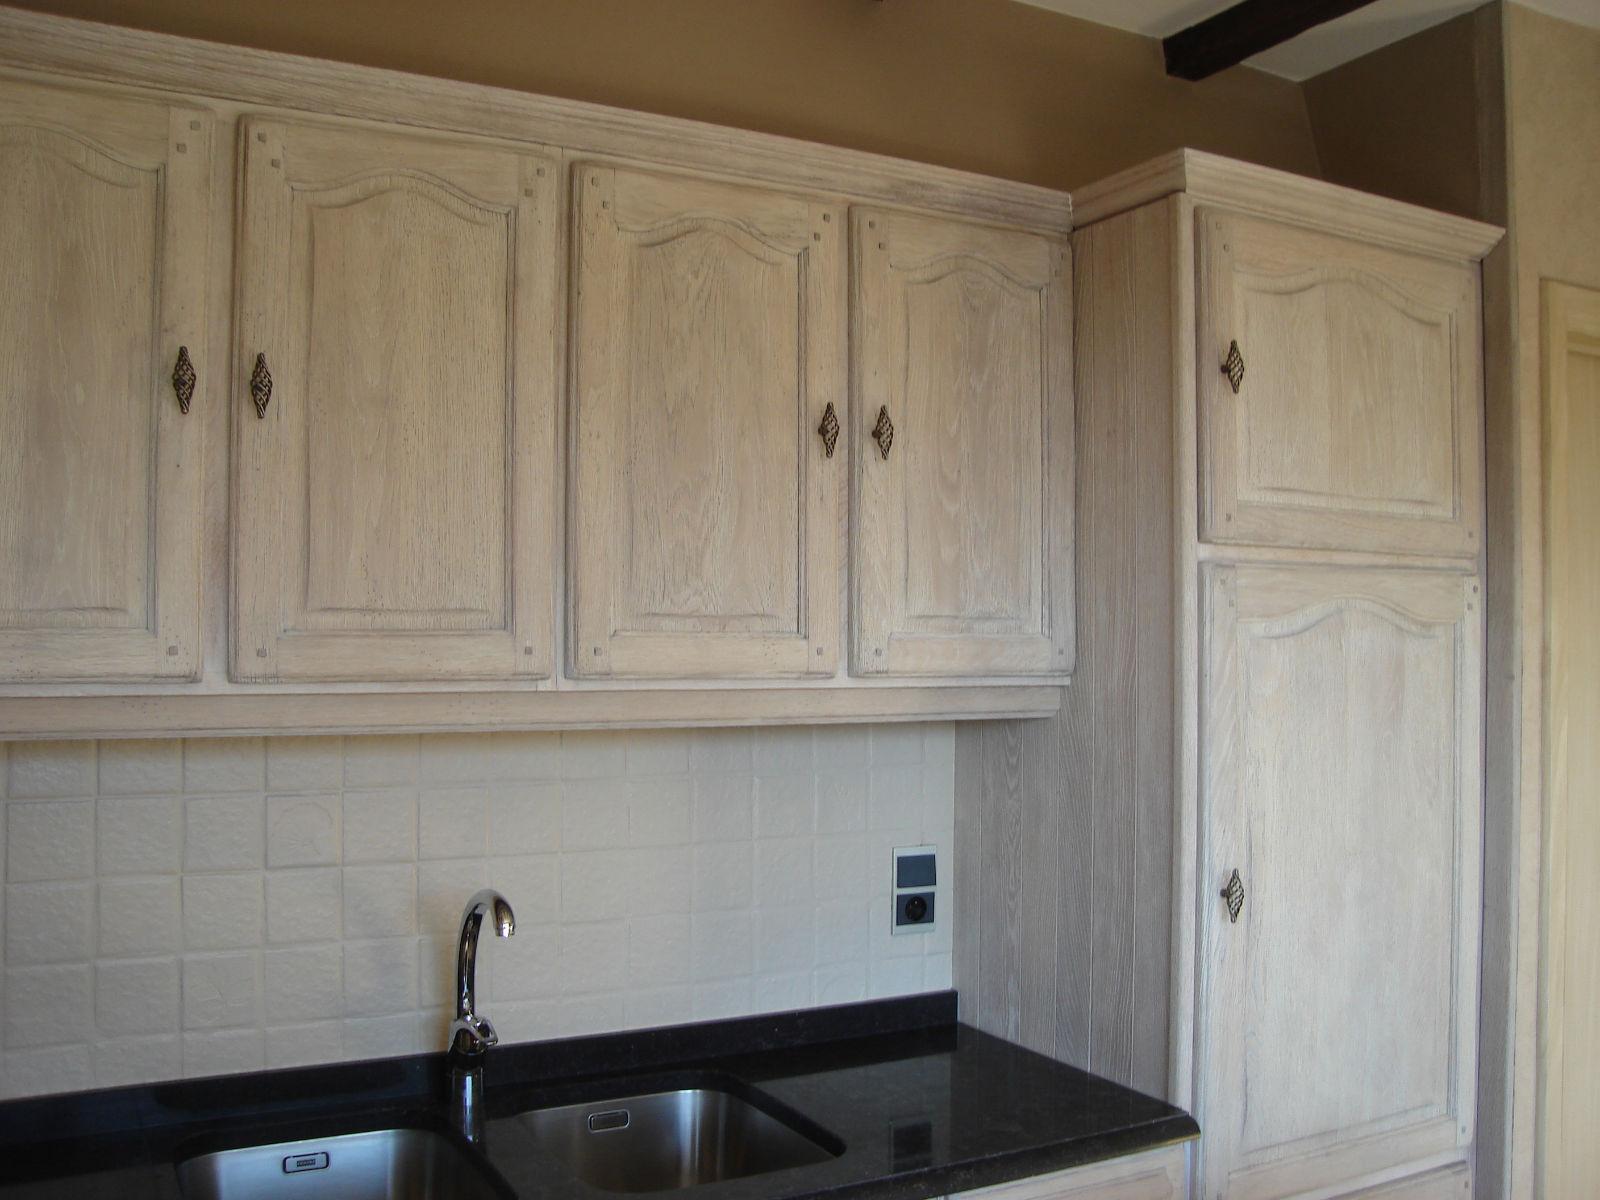 Witte Keuken Schilderen : Keukenblad zwart verven marmer keukenblad prijs